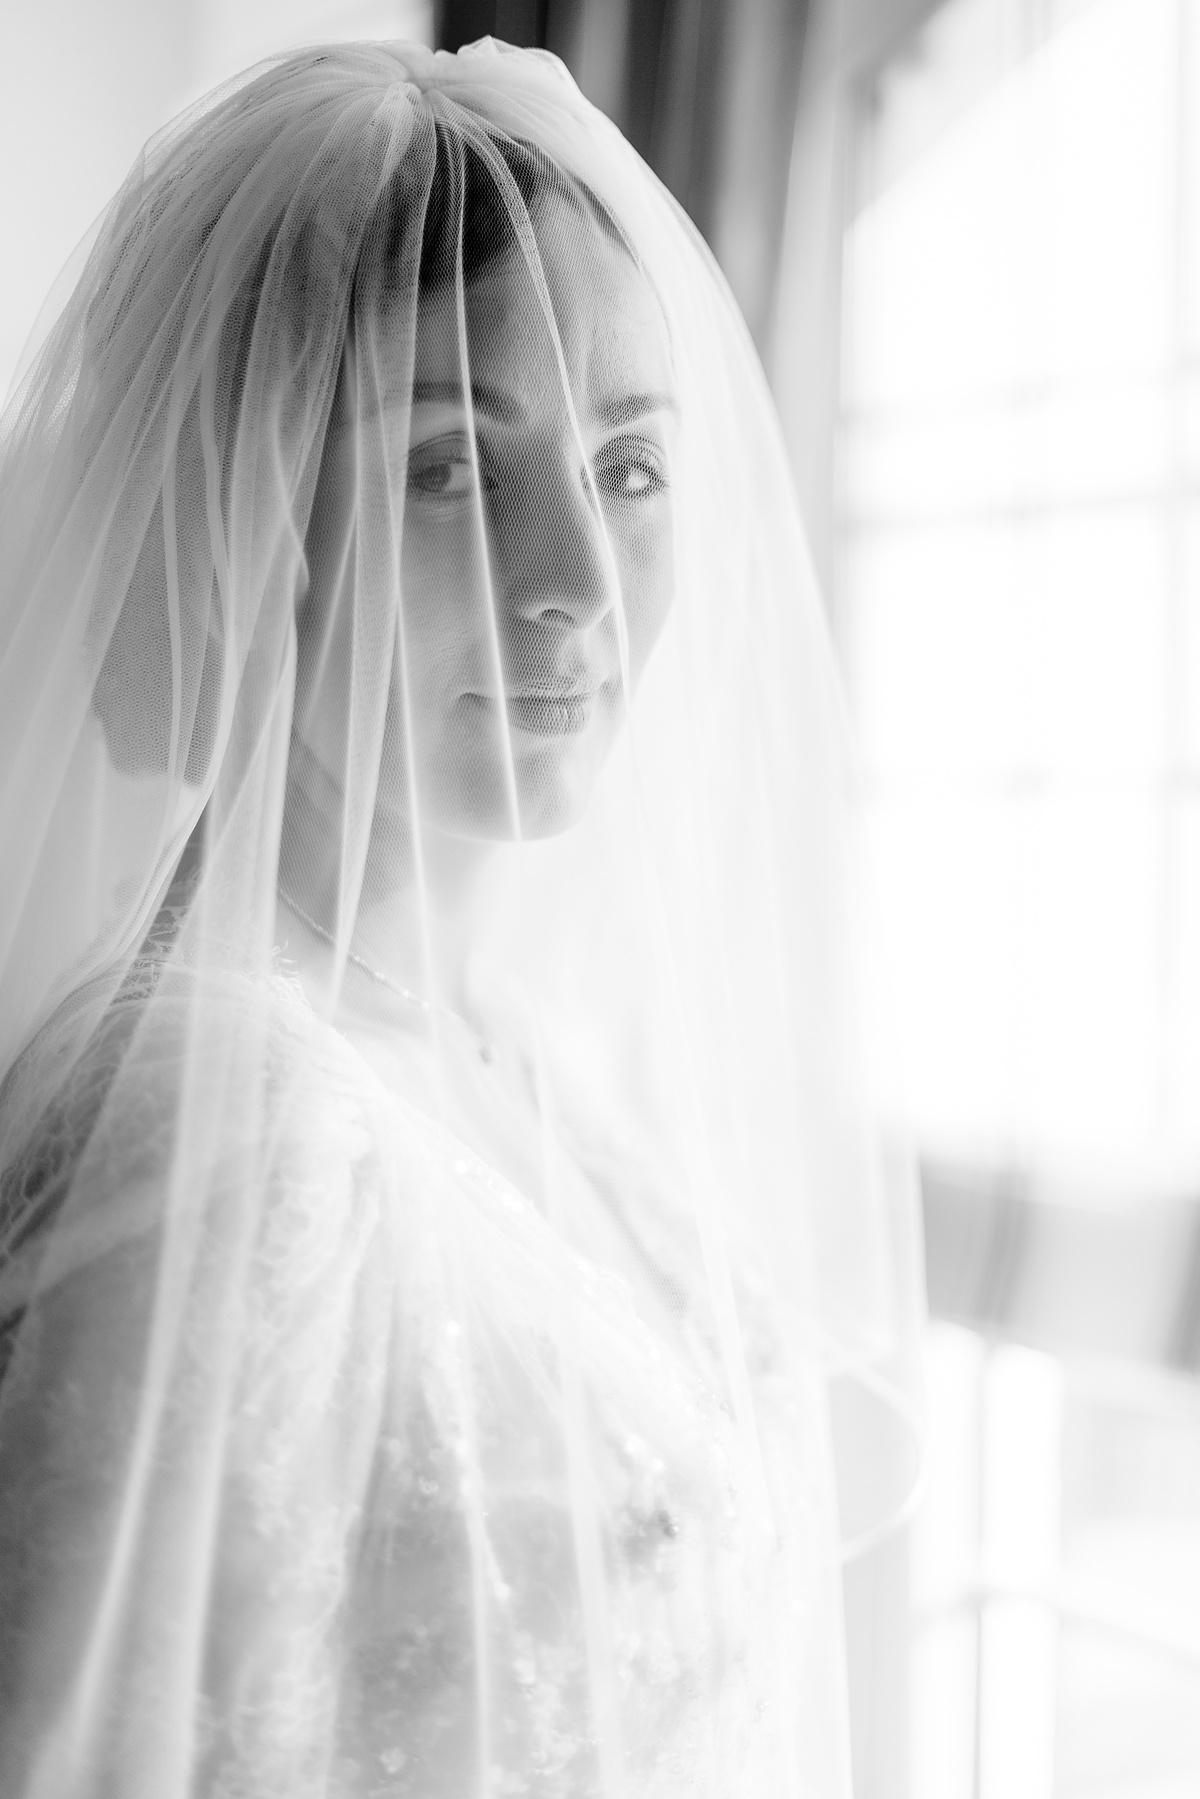 Portrait de la mariée avec son voile en noir et blanc Jenny Packham